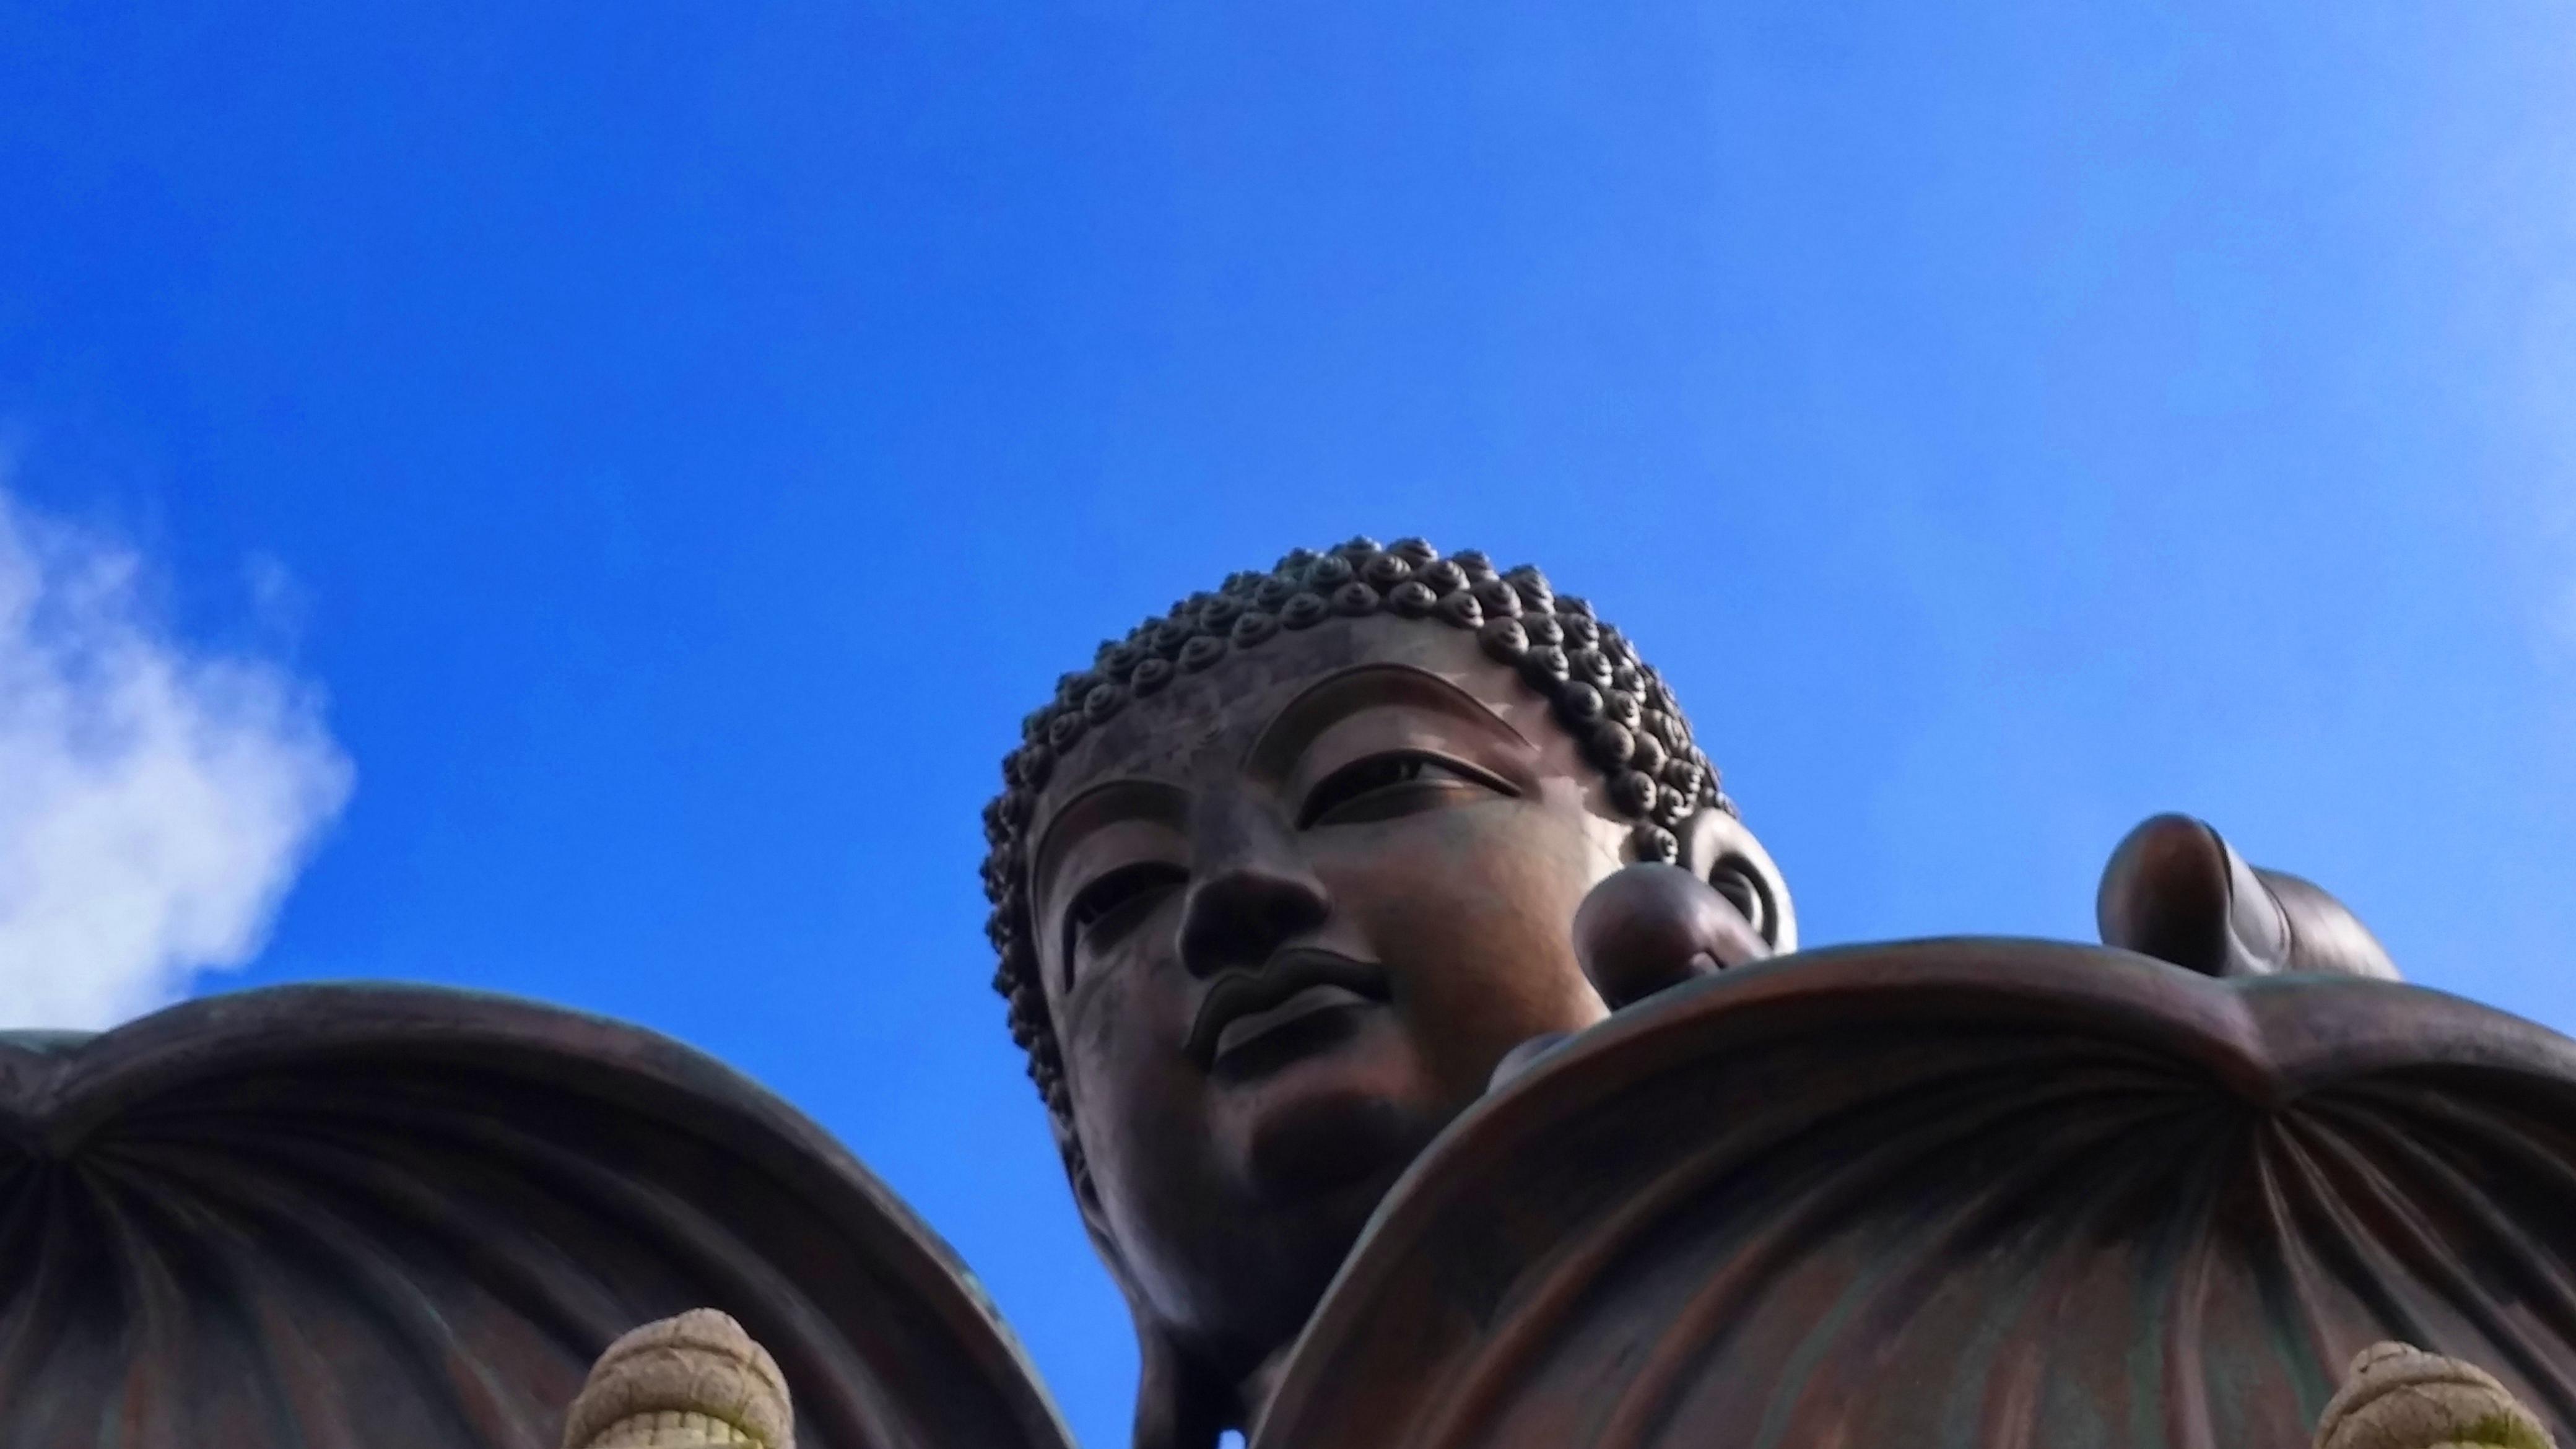 Big Buddha close up